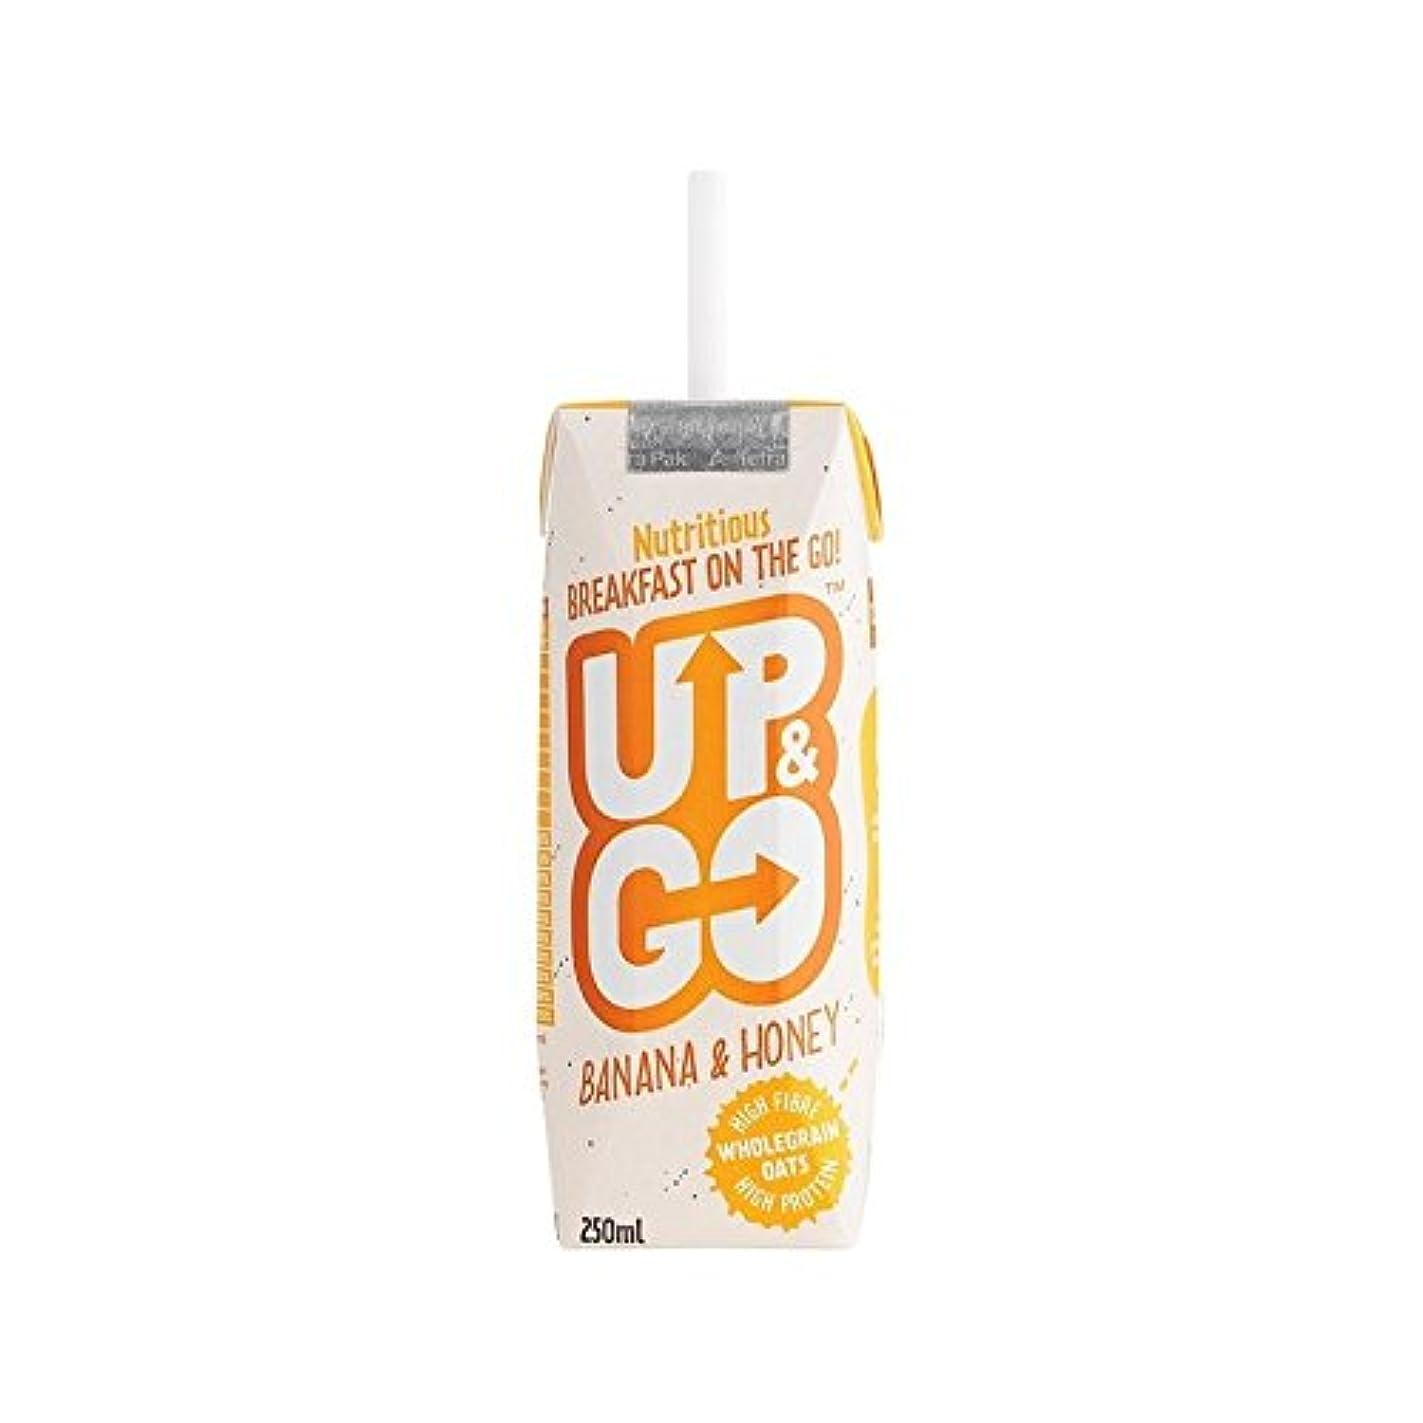 ハイキングに行く刑務所指標オート麦の250ミリリットルとバナナ&ハニー朝食ドリンク (Up&Go) (x 2) - Up&Go Banana & Honey Breakfast Drink with Oats 250ml (Pack of 2)...